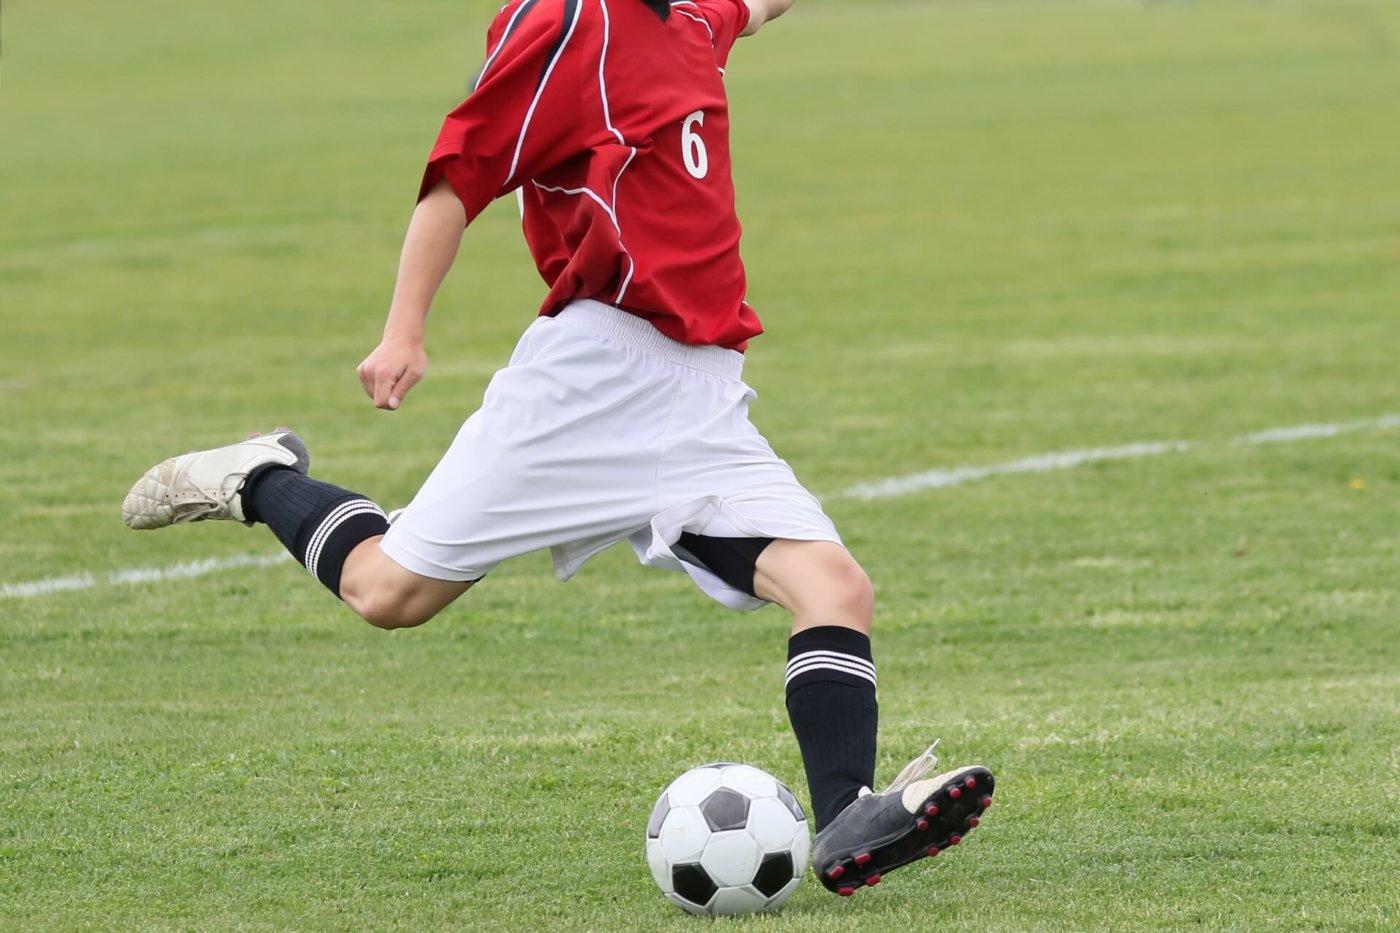 サッカーゲームには、ワールドワイドな夢がある!